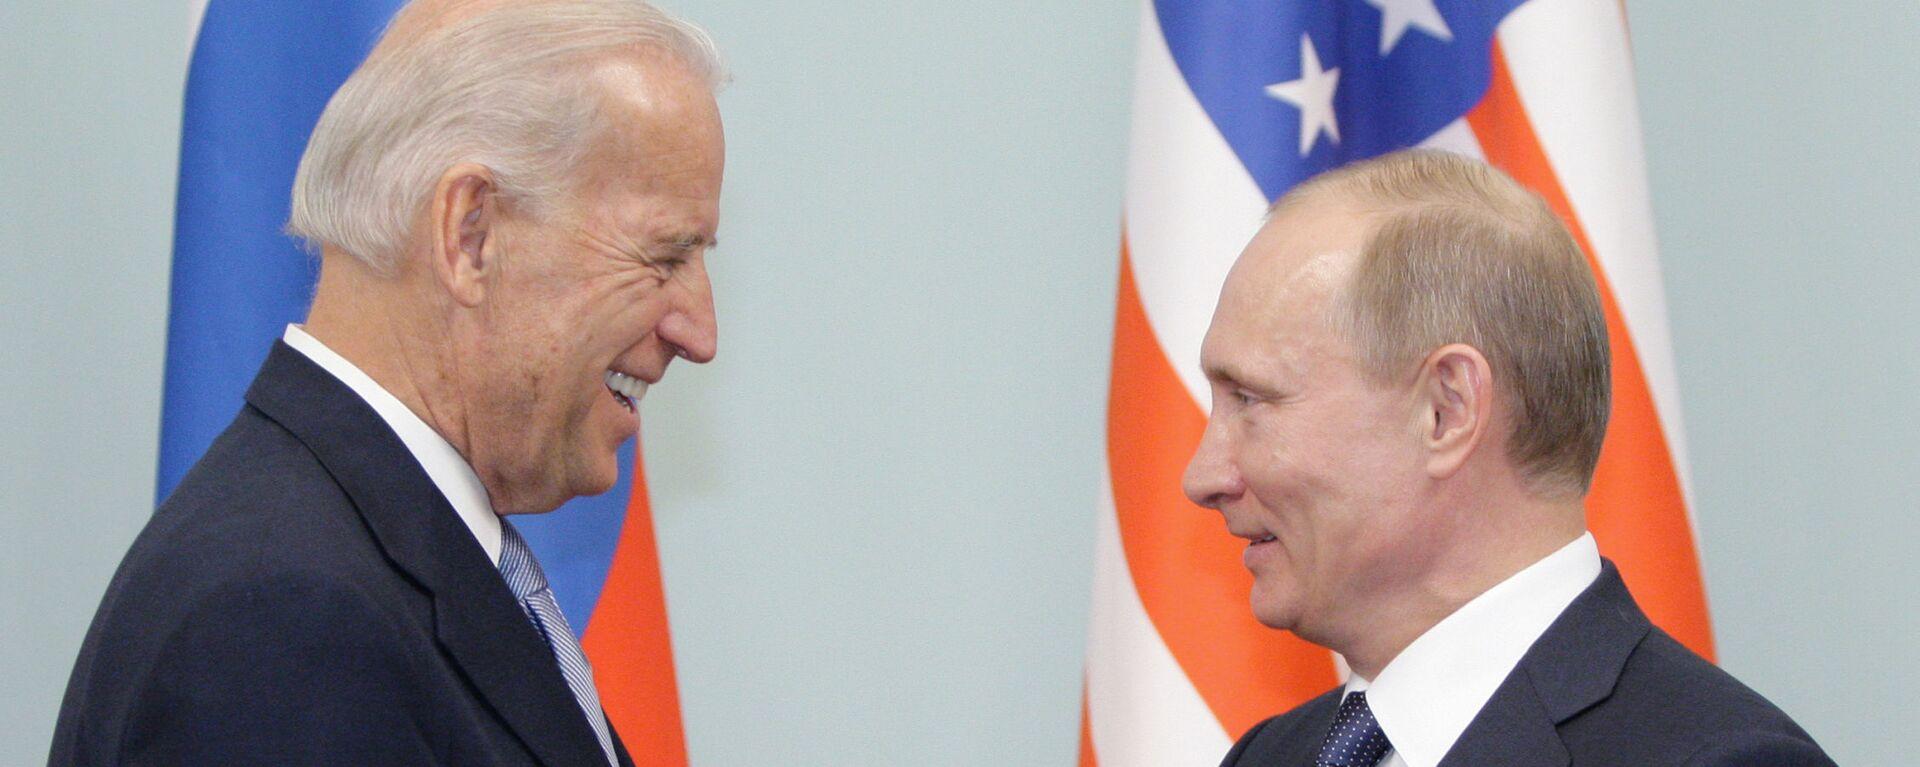 Встреча Владимира Путина с Джозефом Байденом в Москве - Sputnik Таджикистан, 1920, 02.06.2021